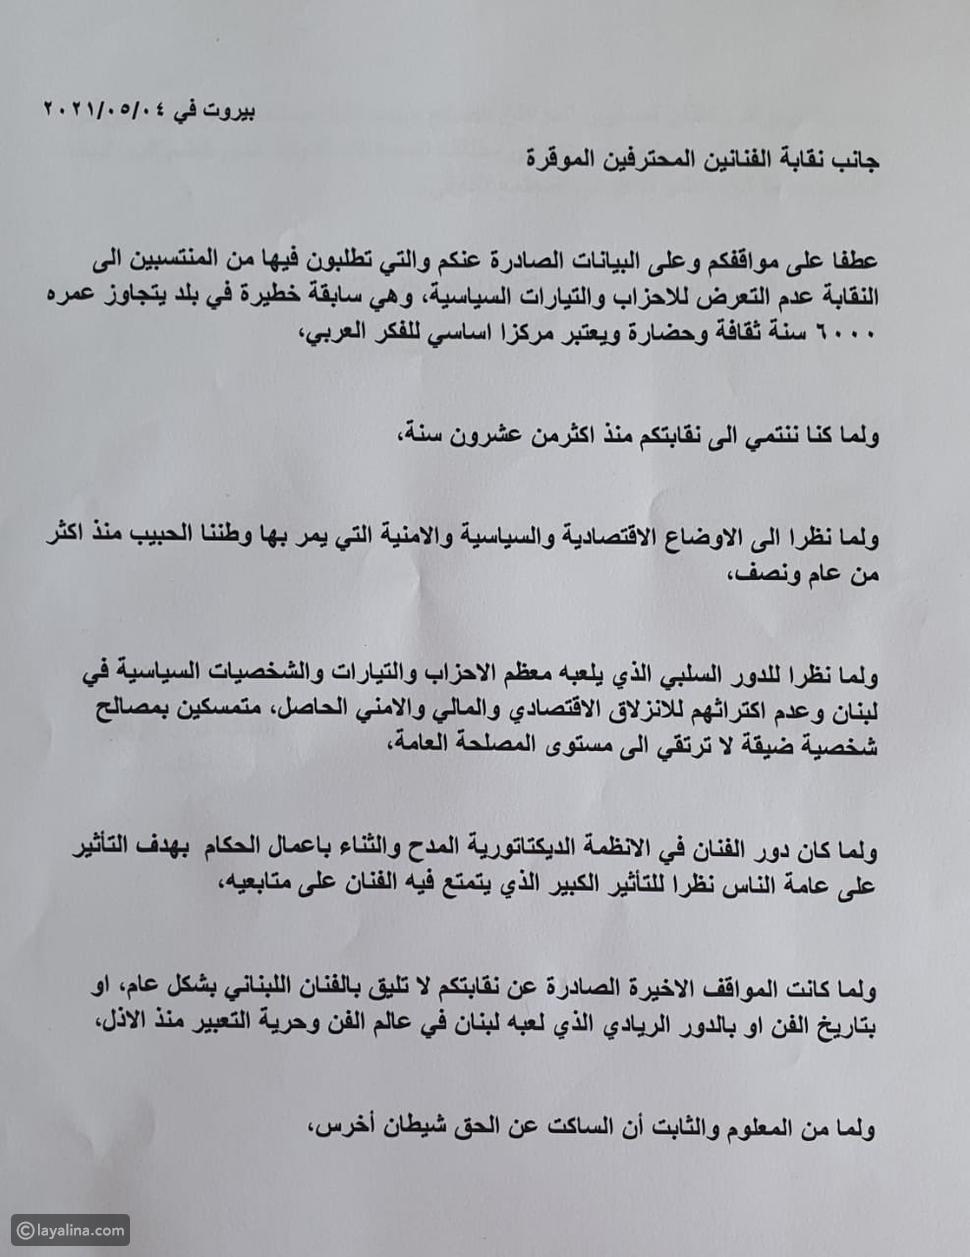 نوال الزغبي تستقيل من نقابة الفنانين اللبنانيين بسبب مواقف سياسية